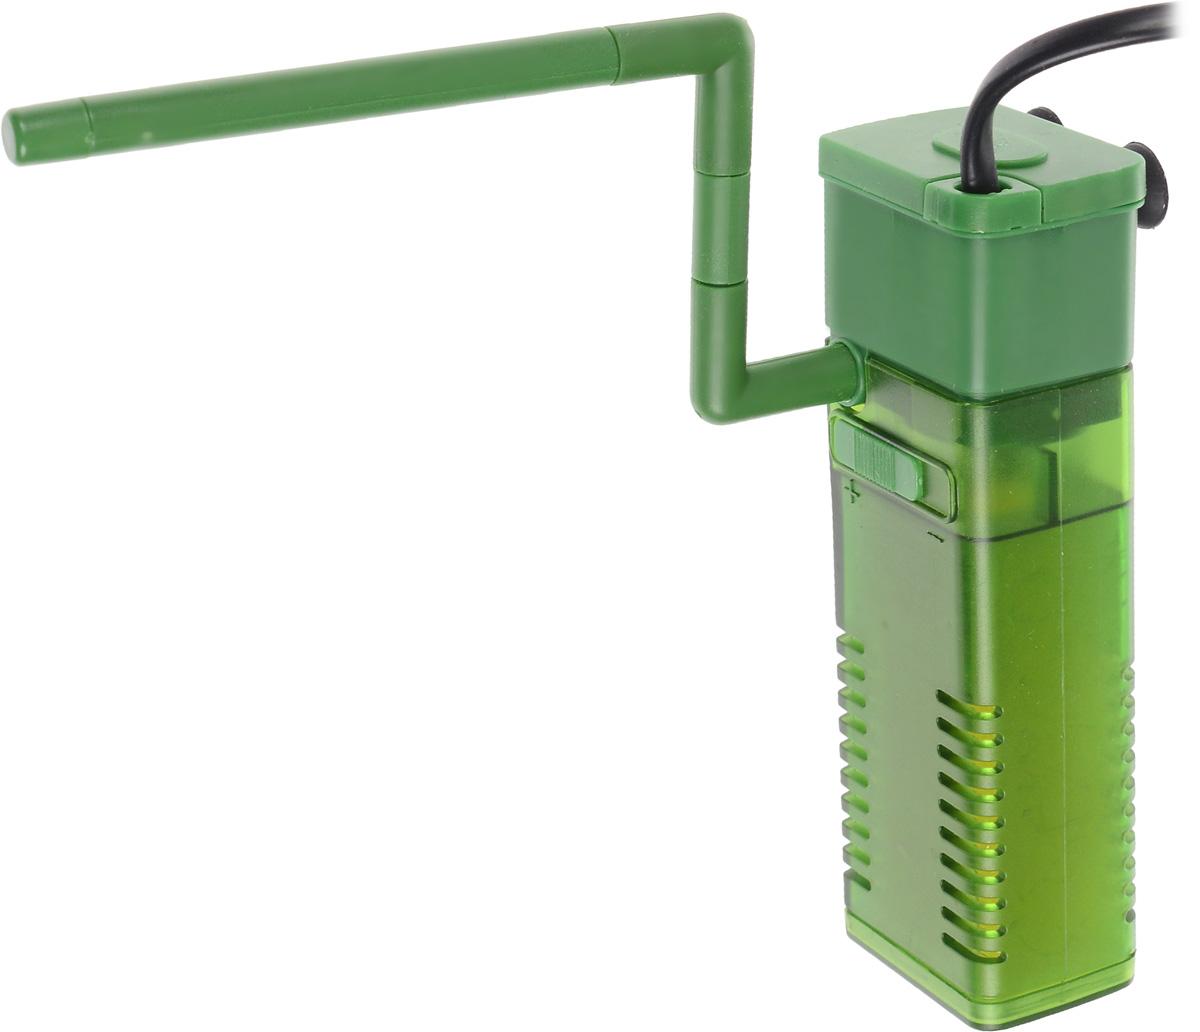 Фильтр для воды Barbus WP- 320F, аквариумный, с регулятором и флейтой, 500 л/ч0120710Barbus WP- 320F предназначен для фильтрации воды в аквариумах. Механическая фильтрация происходит за счет губки, которая поглощает грязь и очищает воду. Фильтр равномерно распределяет поток воды в аквариуме с помощью системы Водянаяфлейта. Имеет дополнительную насадку с возможностью аэрации воды. Подходит для пресной и соленой воды. Фильтр полностью погружной.Мощность: 5 Вт.Напряжение: 220-240В.Частота: 50/60 Гц.Производительность: 500 л/ч.Рекомендованный объем аквариума: 30-70 л. Уважаемые клиенты!Обращаем ваше внимание навозможныеизмененияв цветенекоторых деталейтовара. Поставка осуществляется в зависимости от наличия на складе.